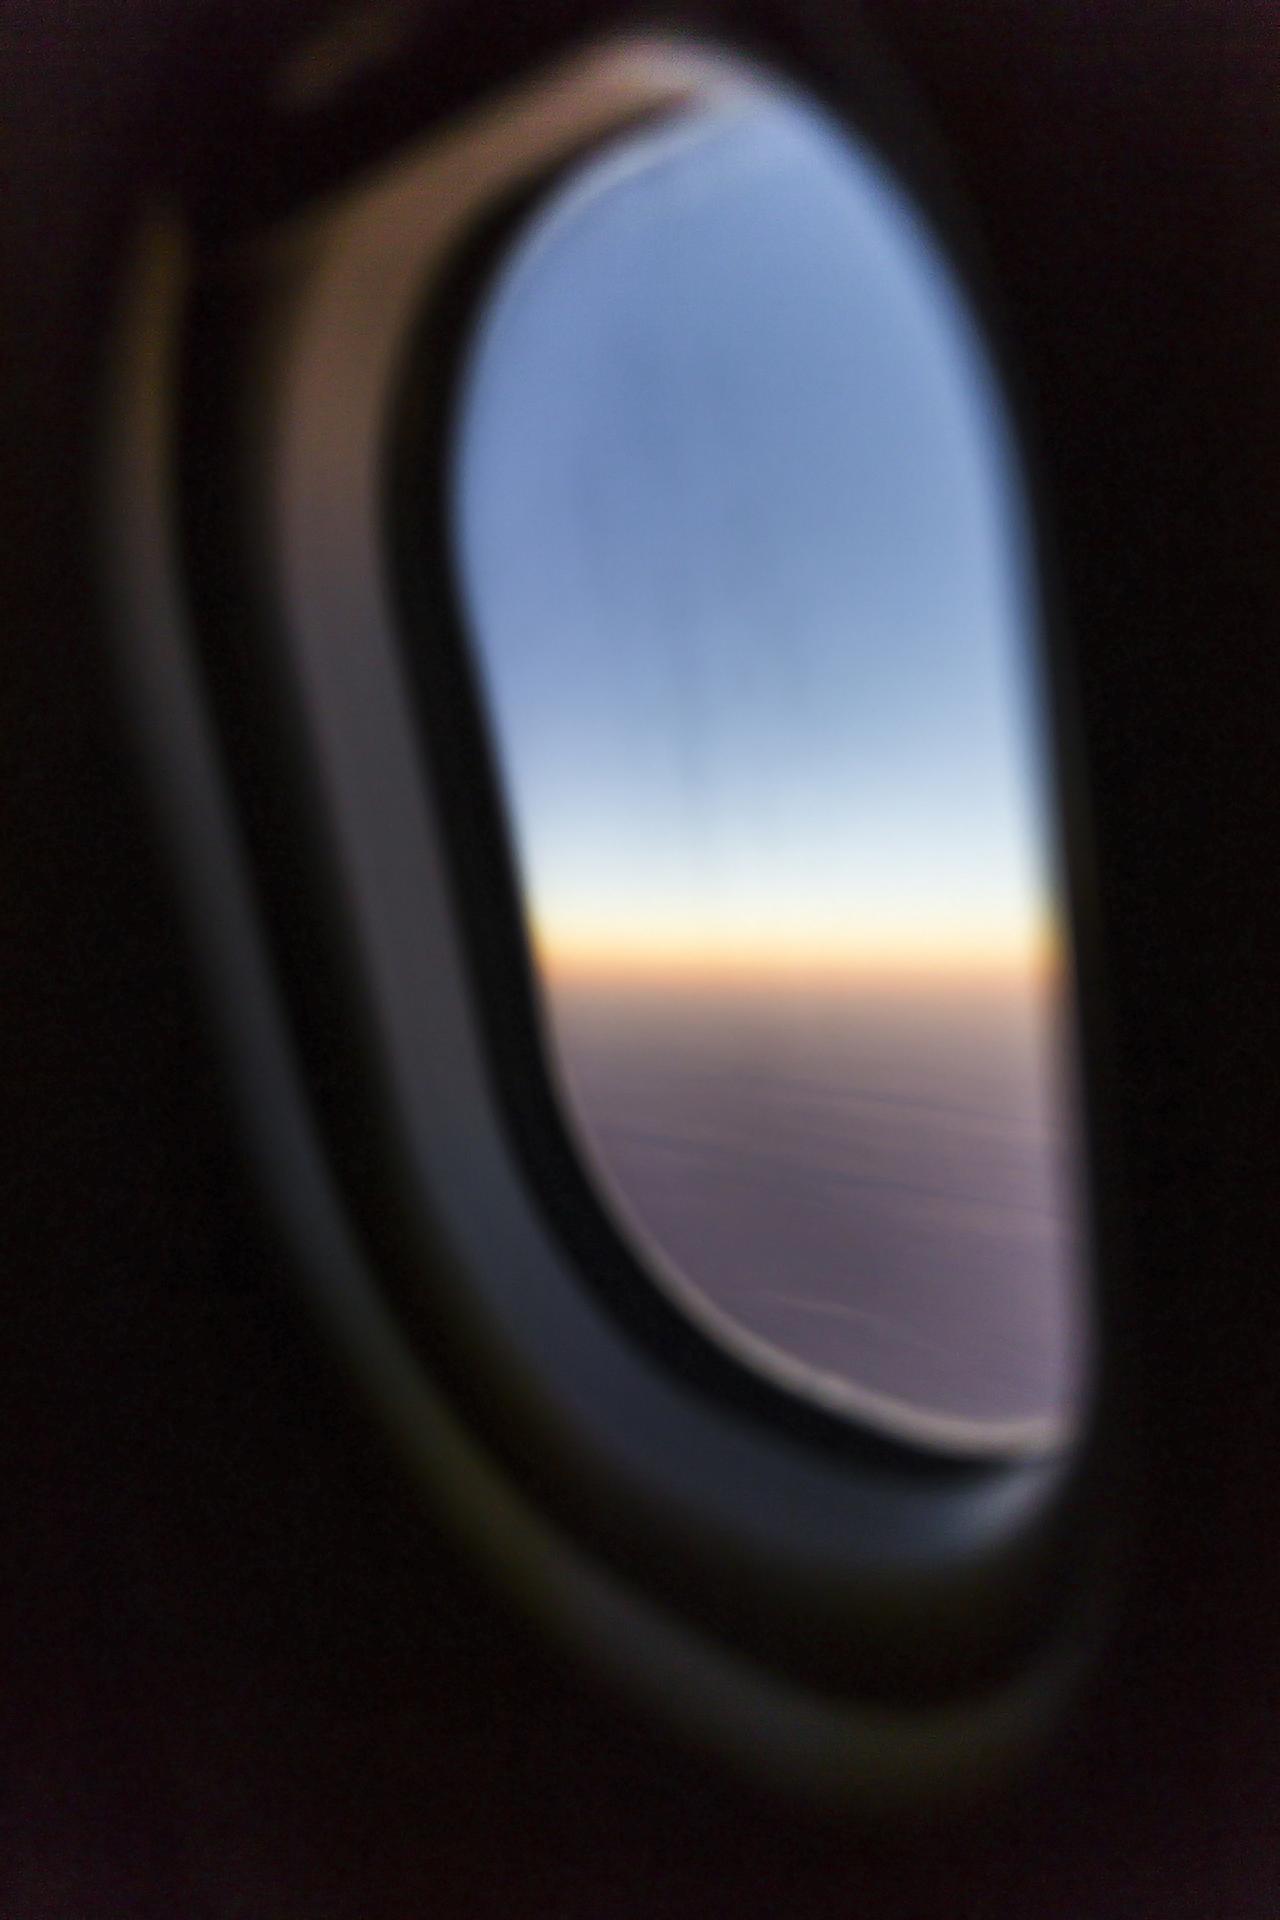 Tim_Allen_Window_Seat.jpg